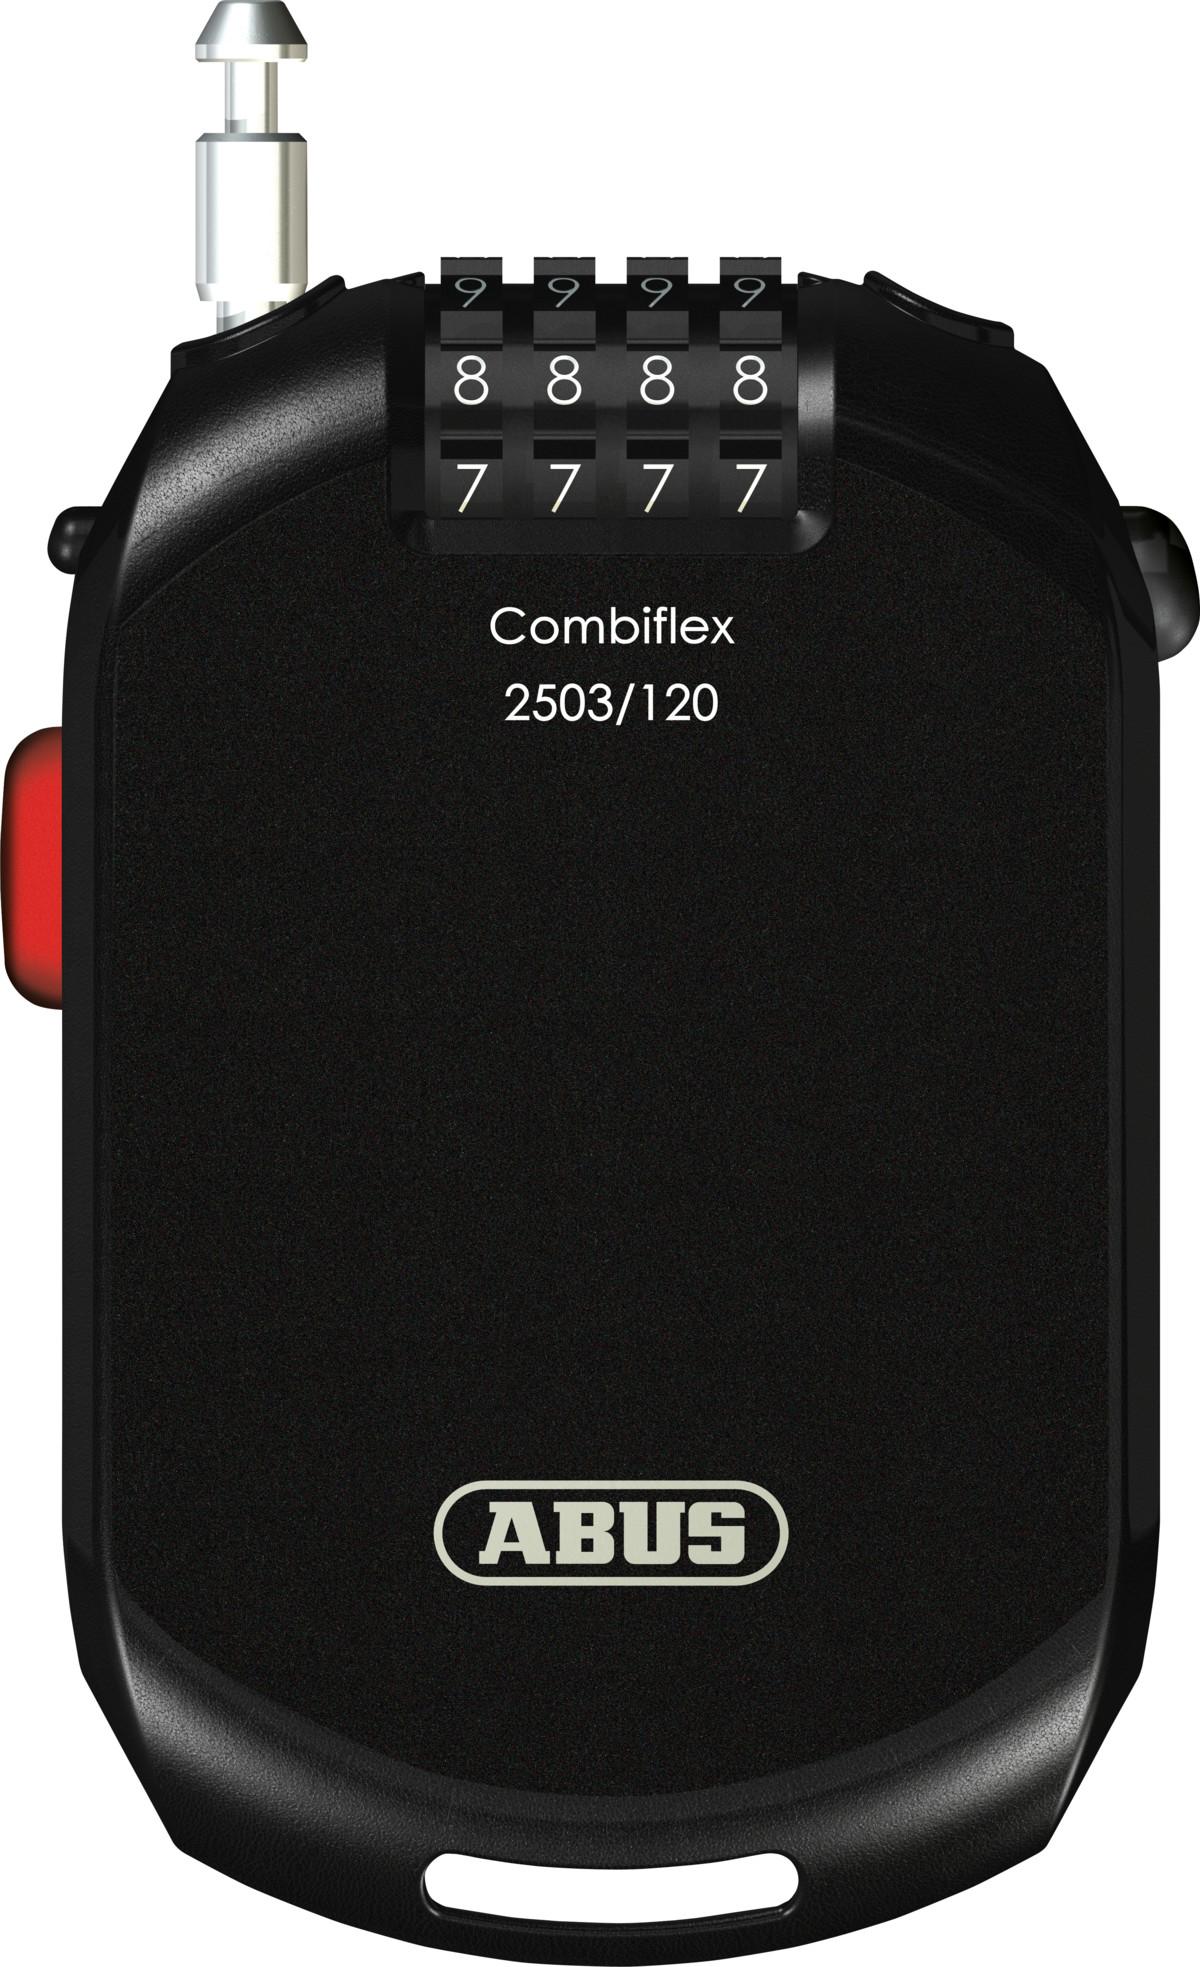 Combiflex 2503/120